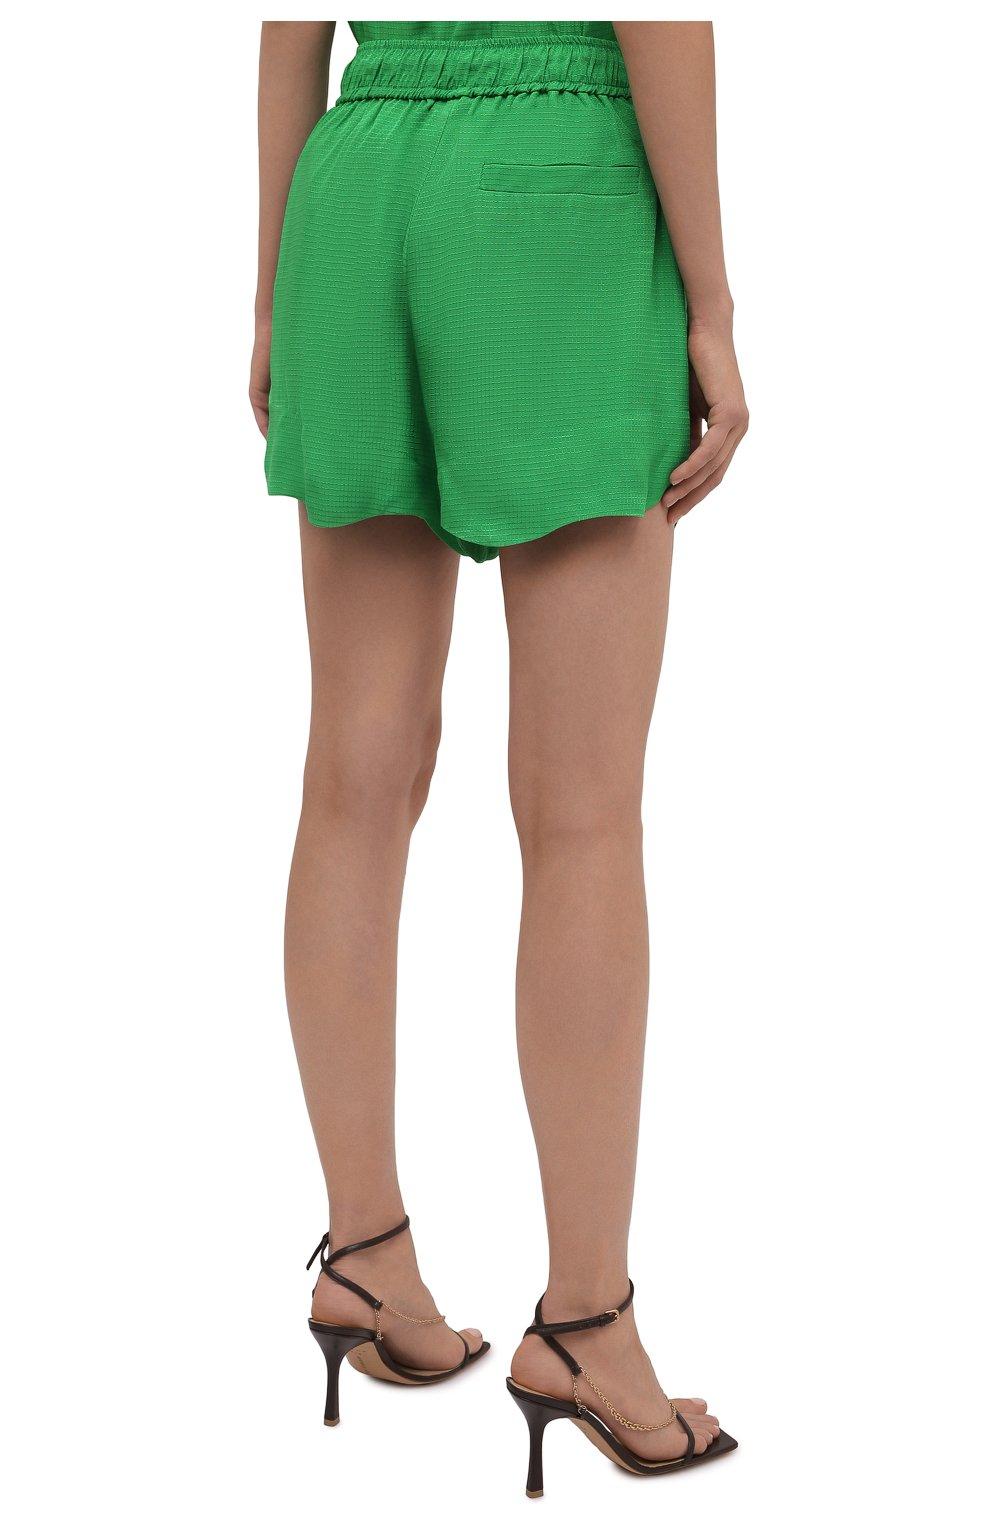 Женские шорты из вискозы GANNI зеленого цвета, арт. F6118 | Фото 4 (Женское Кросс-КТ: Шорты-одежда; Длина Ж (юбки, платья, шорты): Мини; Материал внешний: Вискоза; Стили: Романтичный)